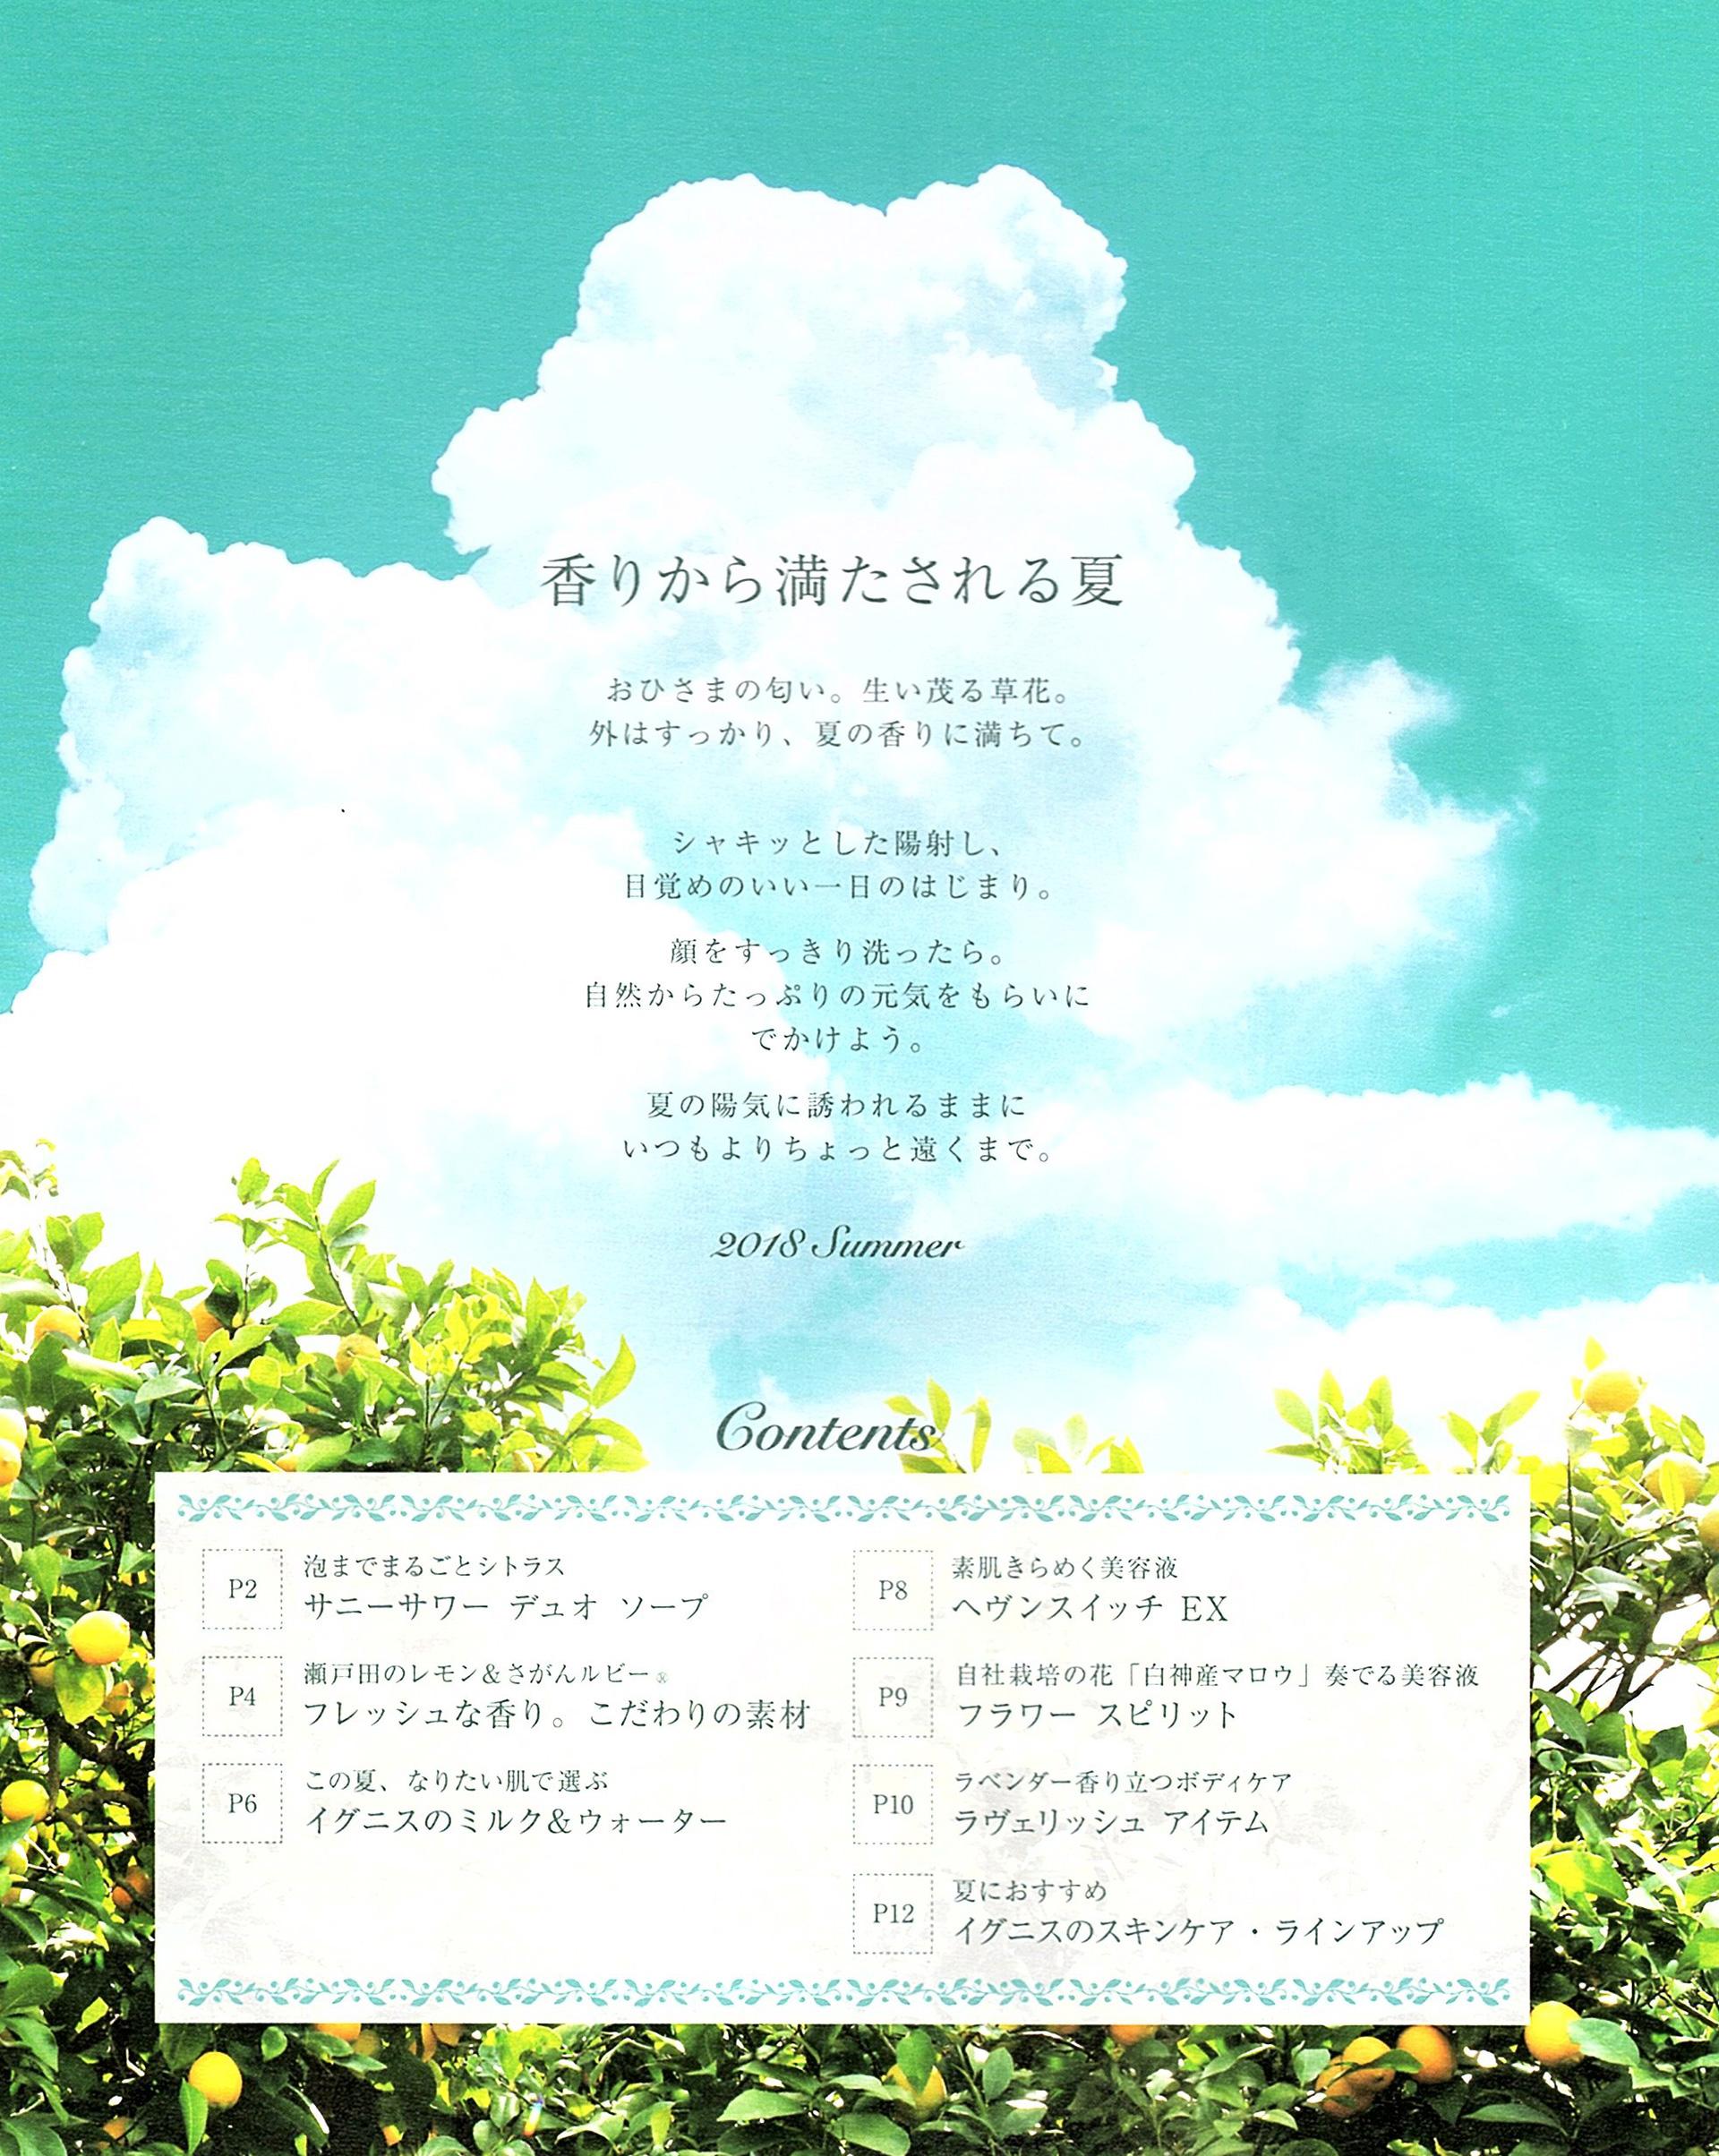 IGNIS 2018 Summer Letter_03